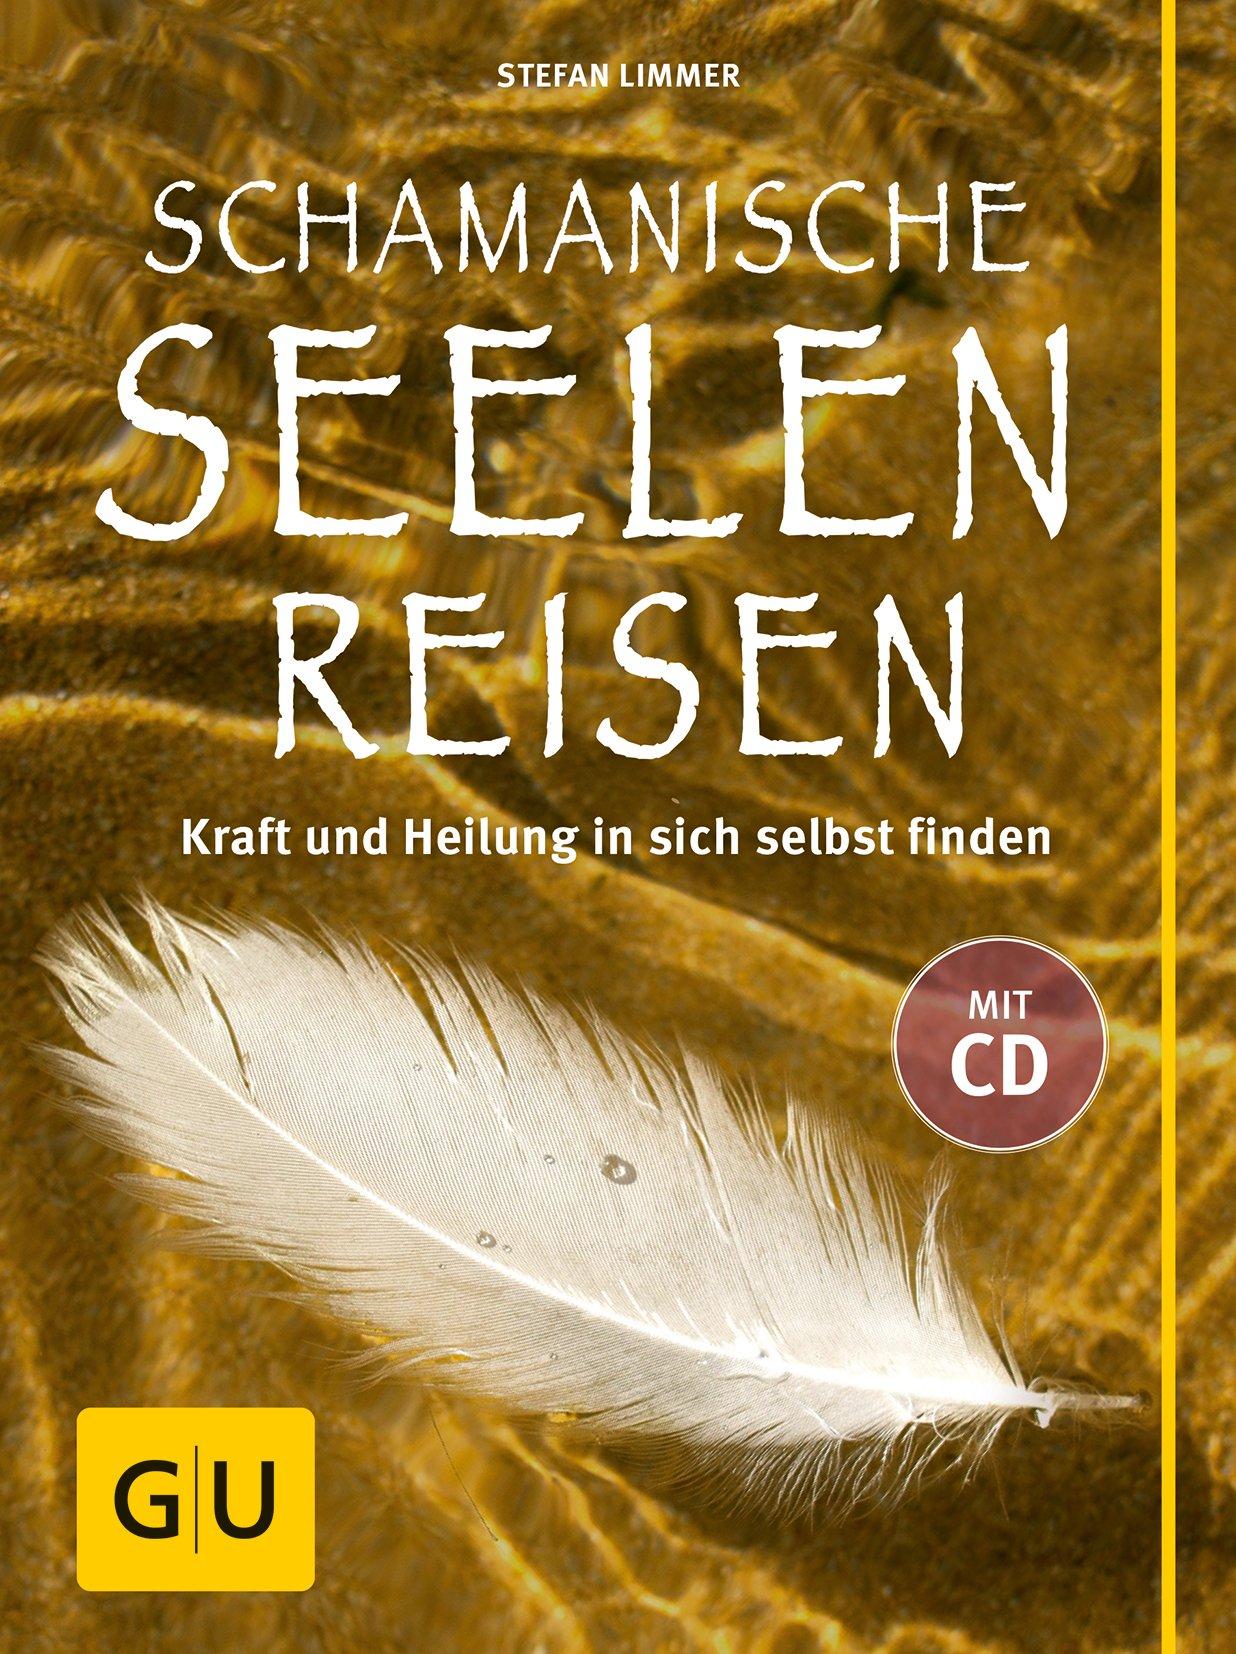 Schamanische Seelenreisen (mit CD): Kraft und Heilung in sich selbst finden. Mit Übungen und Ritualen für den Alltag.